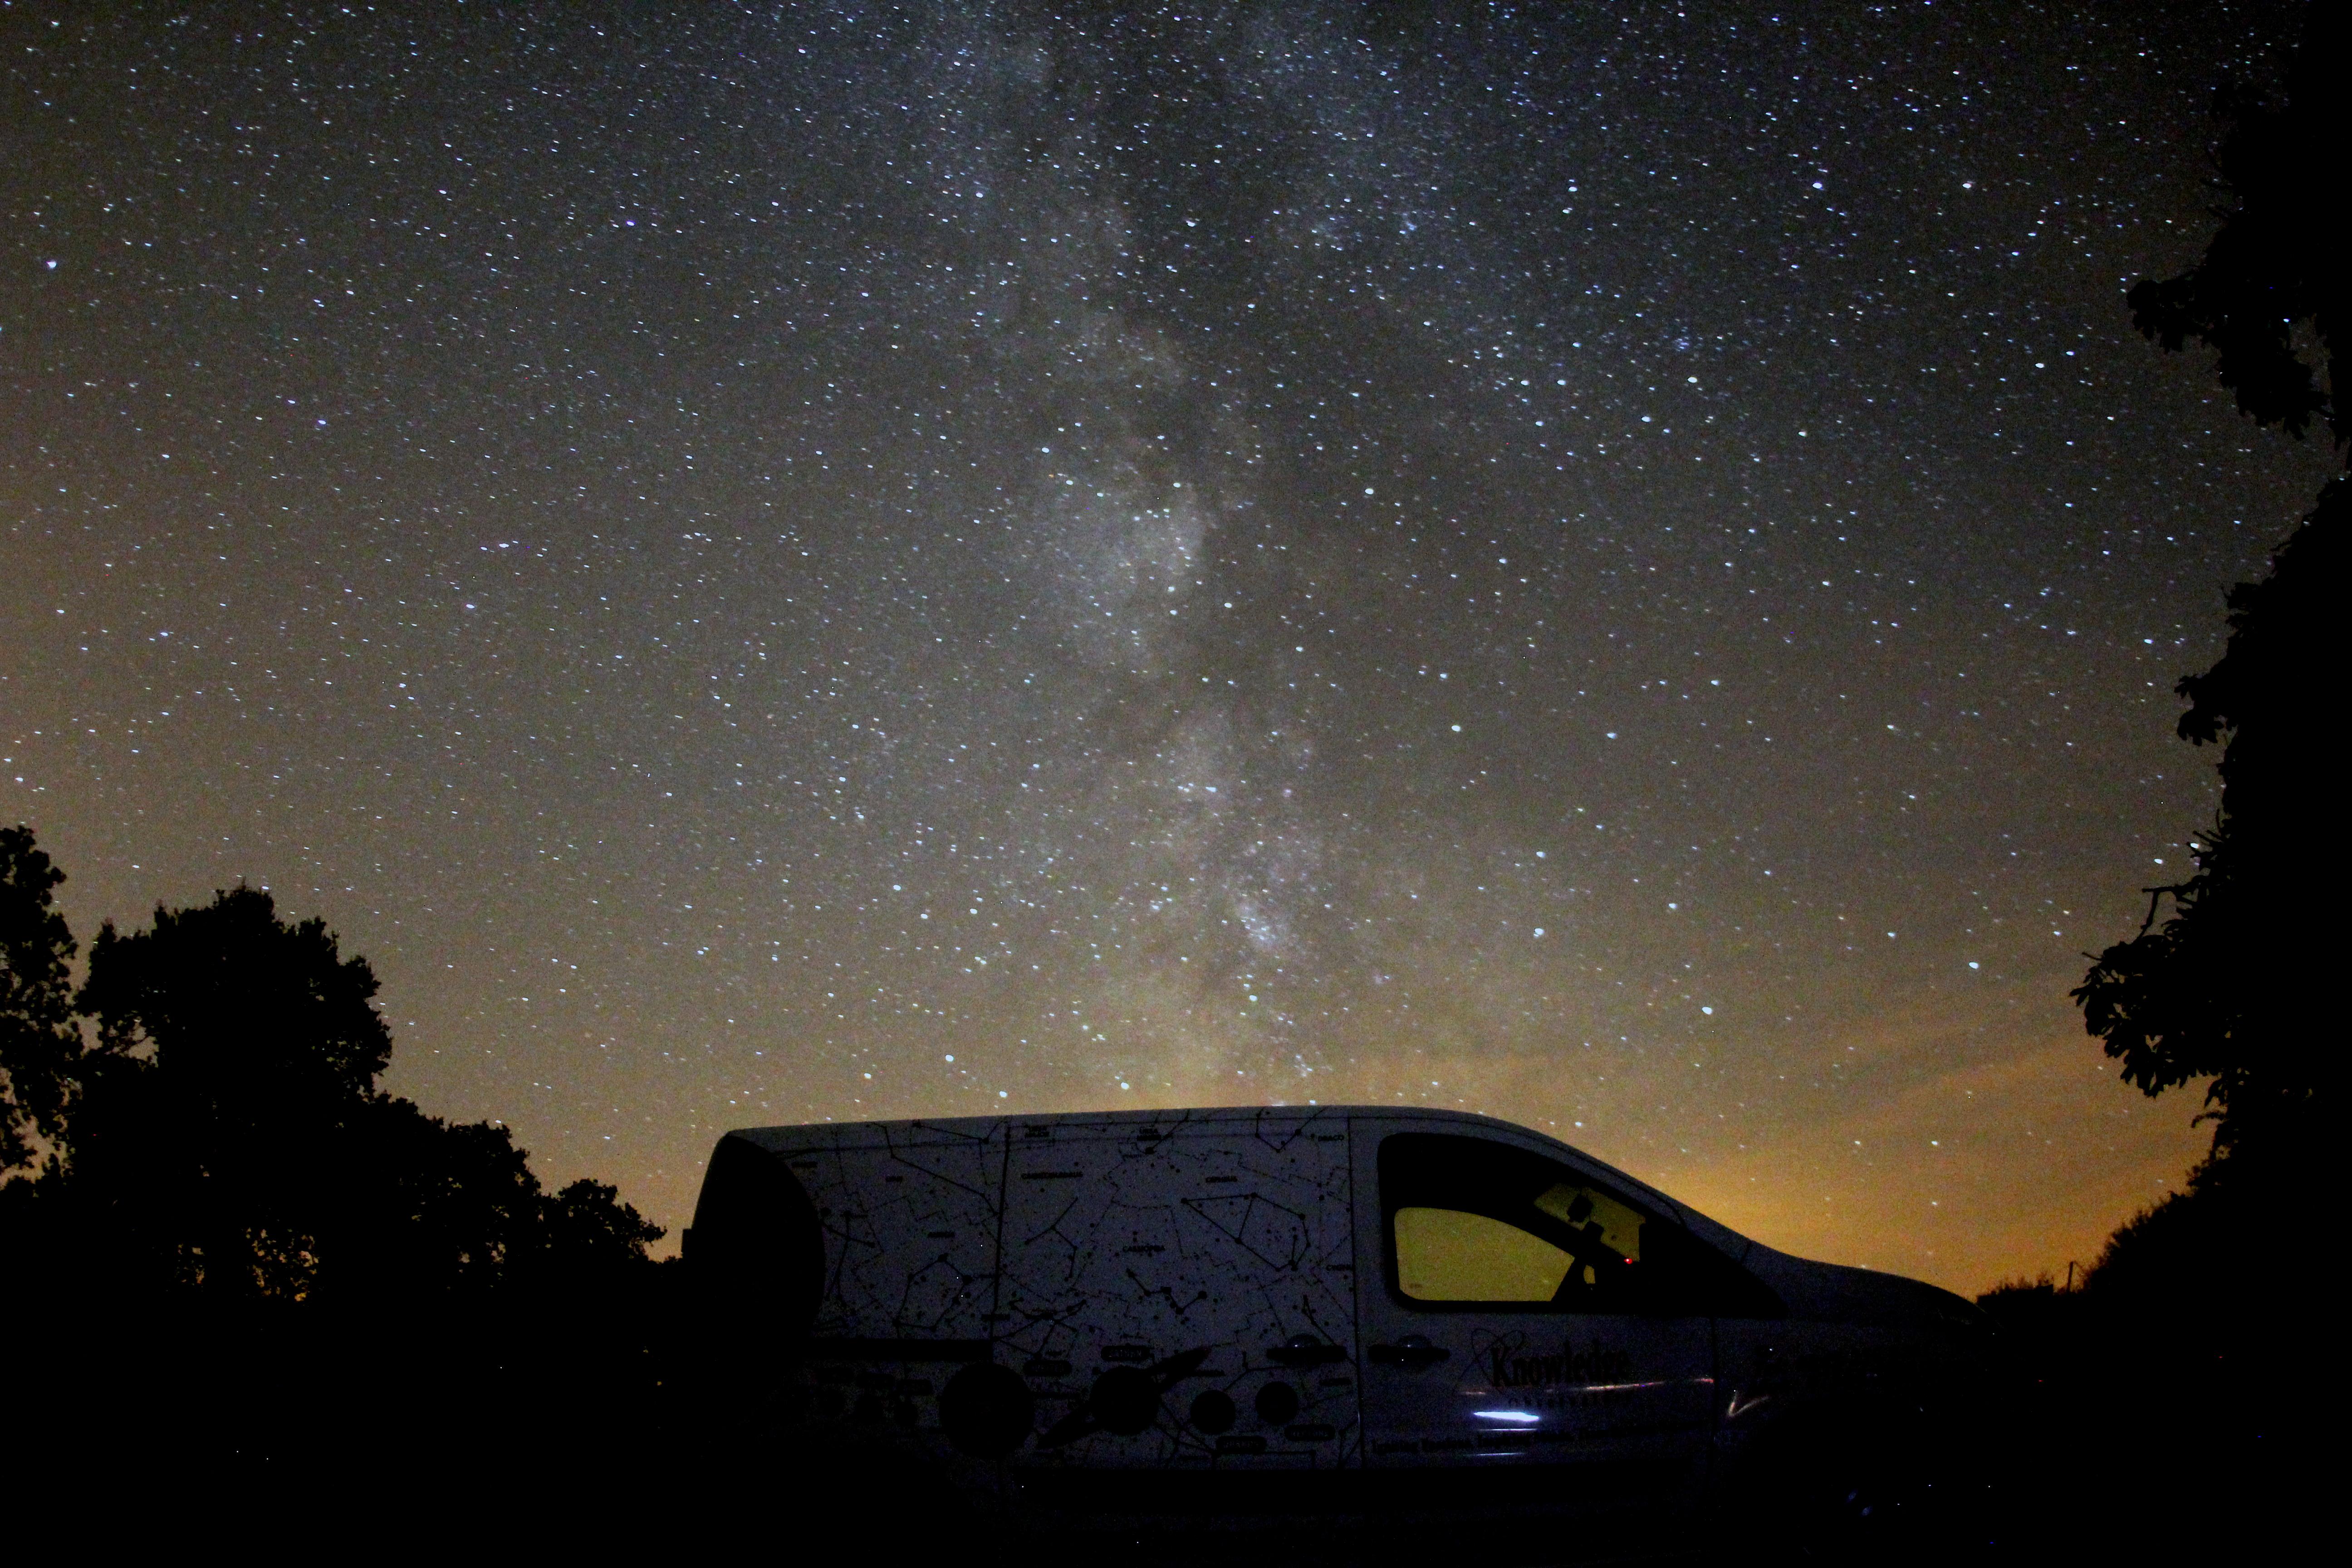 Milky way over Astrofarm Jul 15